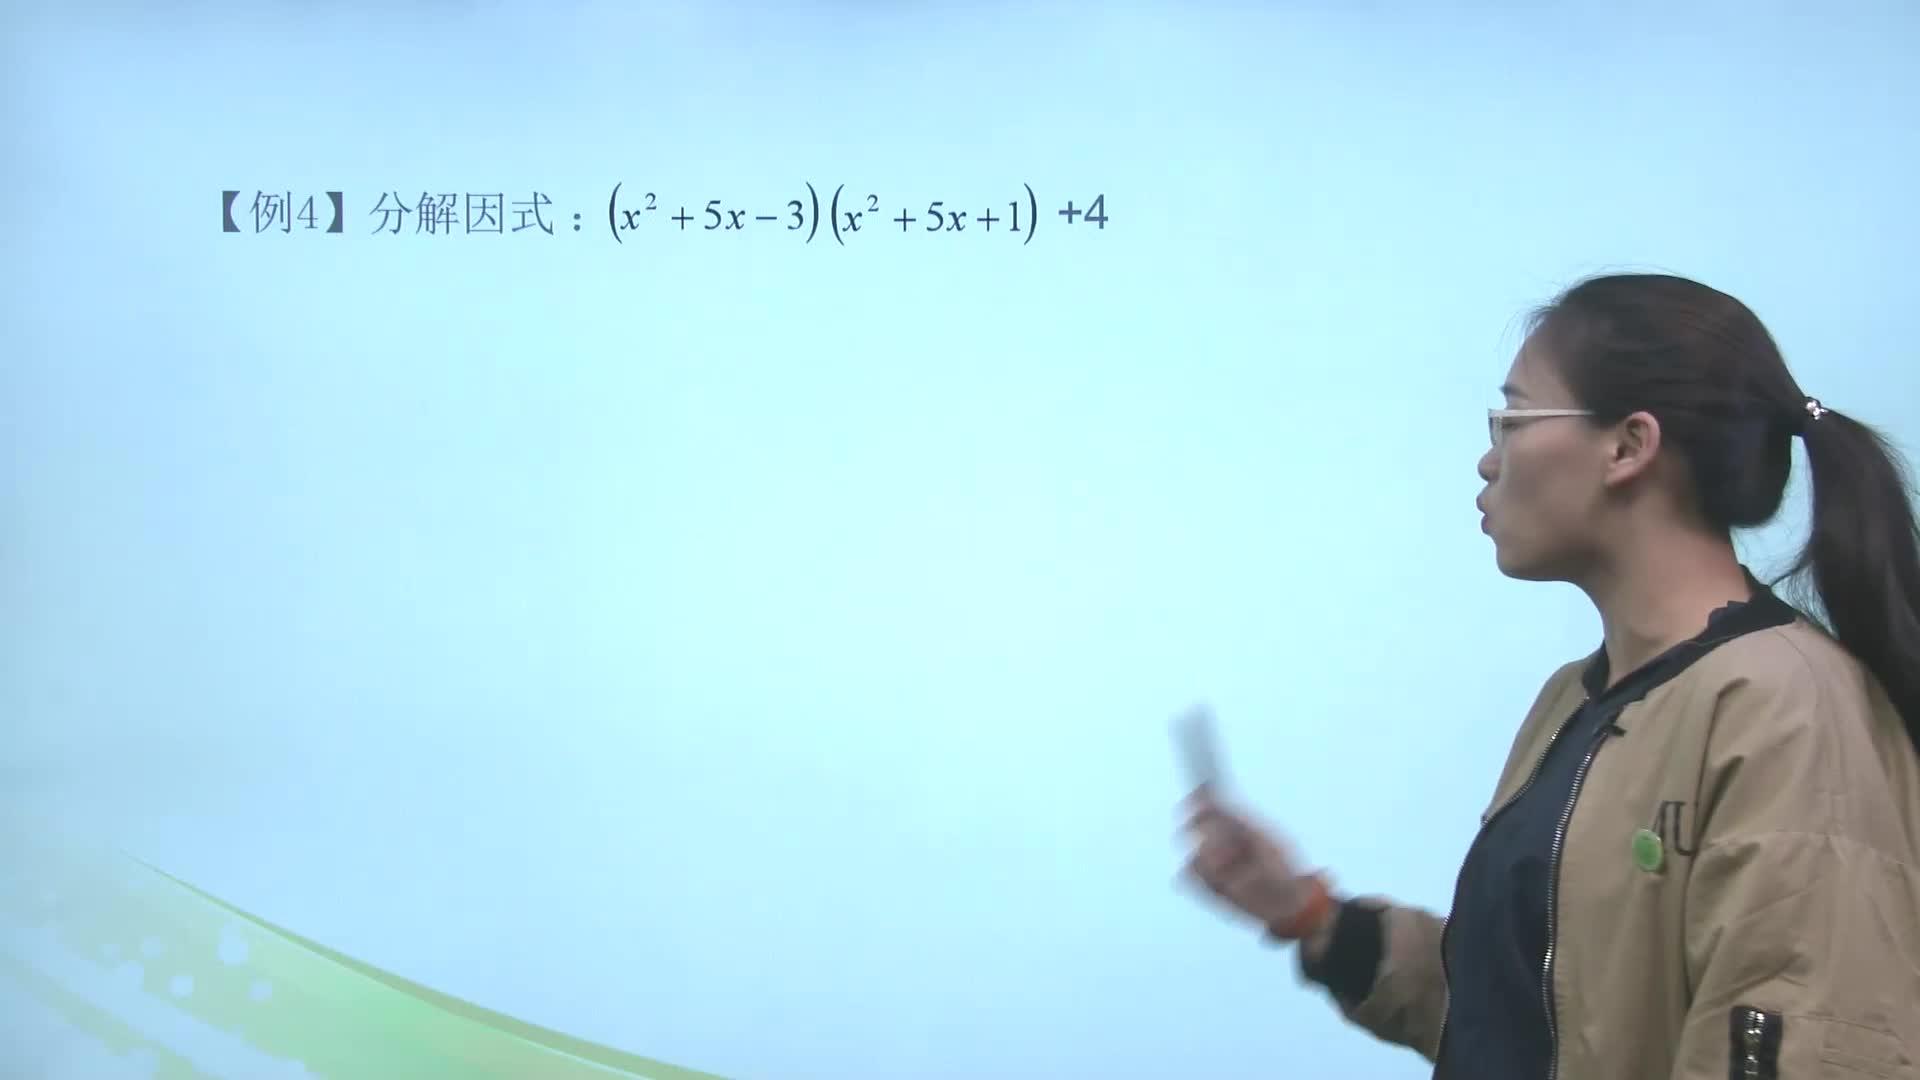 数学思想方法是指对数学知识和方法形成的规律性的理性认识,是解决数学问题的根本策略.数学思想方法揭示概念、原理、规律的本质,是沟通基础知识与能力的桥梁,是数学知识的重要组成部分.数学思想方法是数学知识在更高层次上的抽象和概括,它蕴含于数学知识的发生、发展和应用的过程中.中考常用到的数学思想方法有:整体思想、化归思想、数形结合思想、分类讨论思想等. [来自e网通客户端]